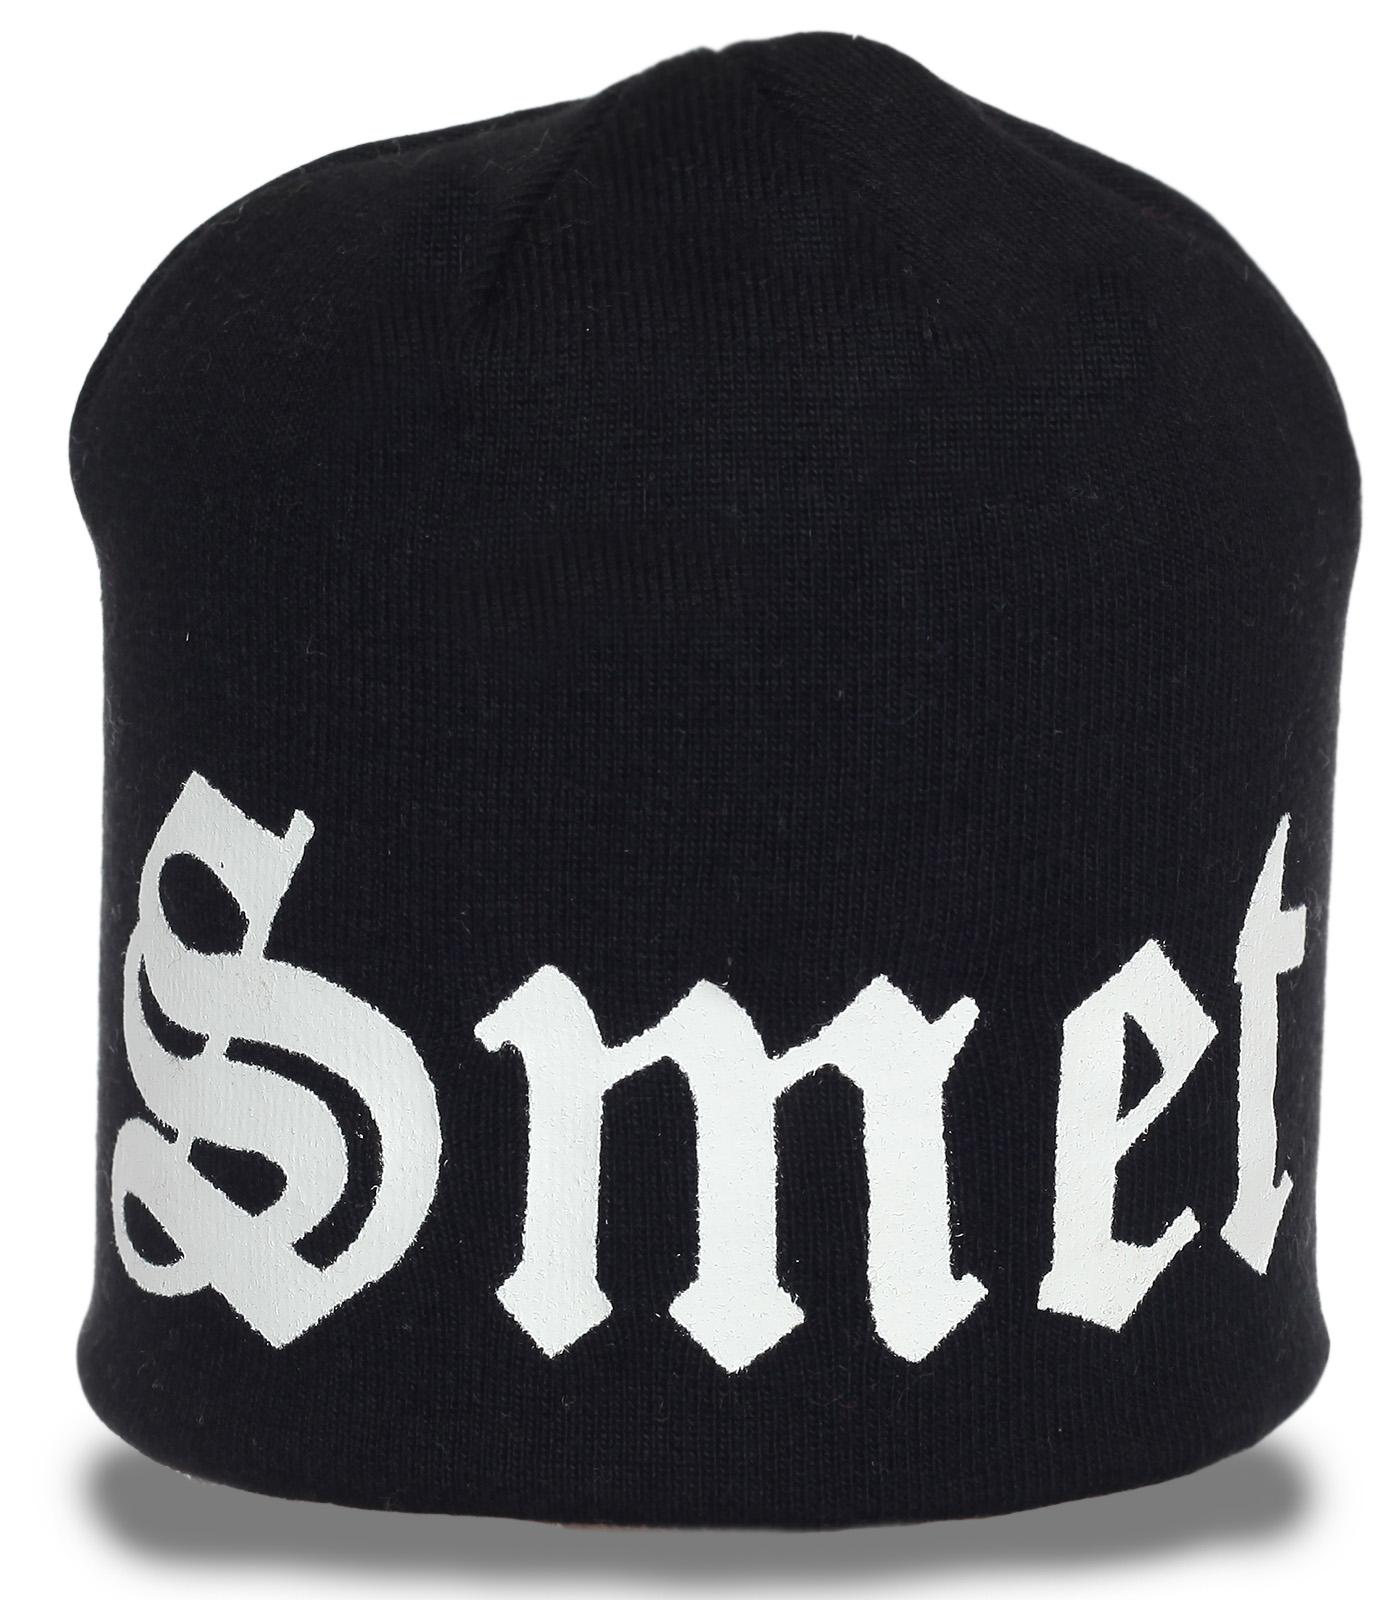 Фирменная шапка Smet для стильных парней